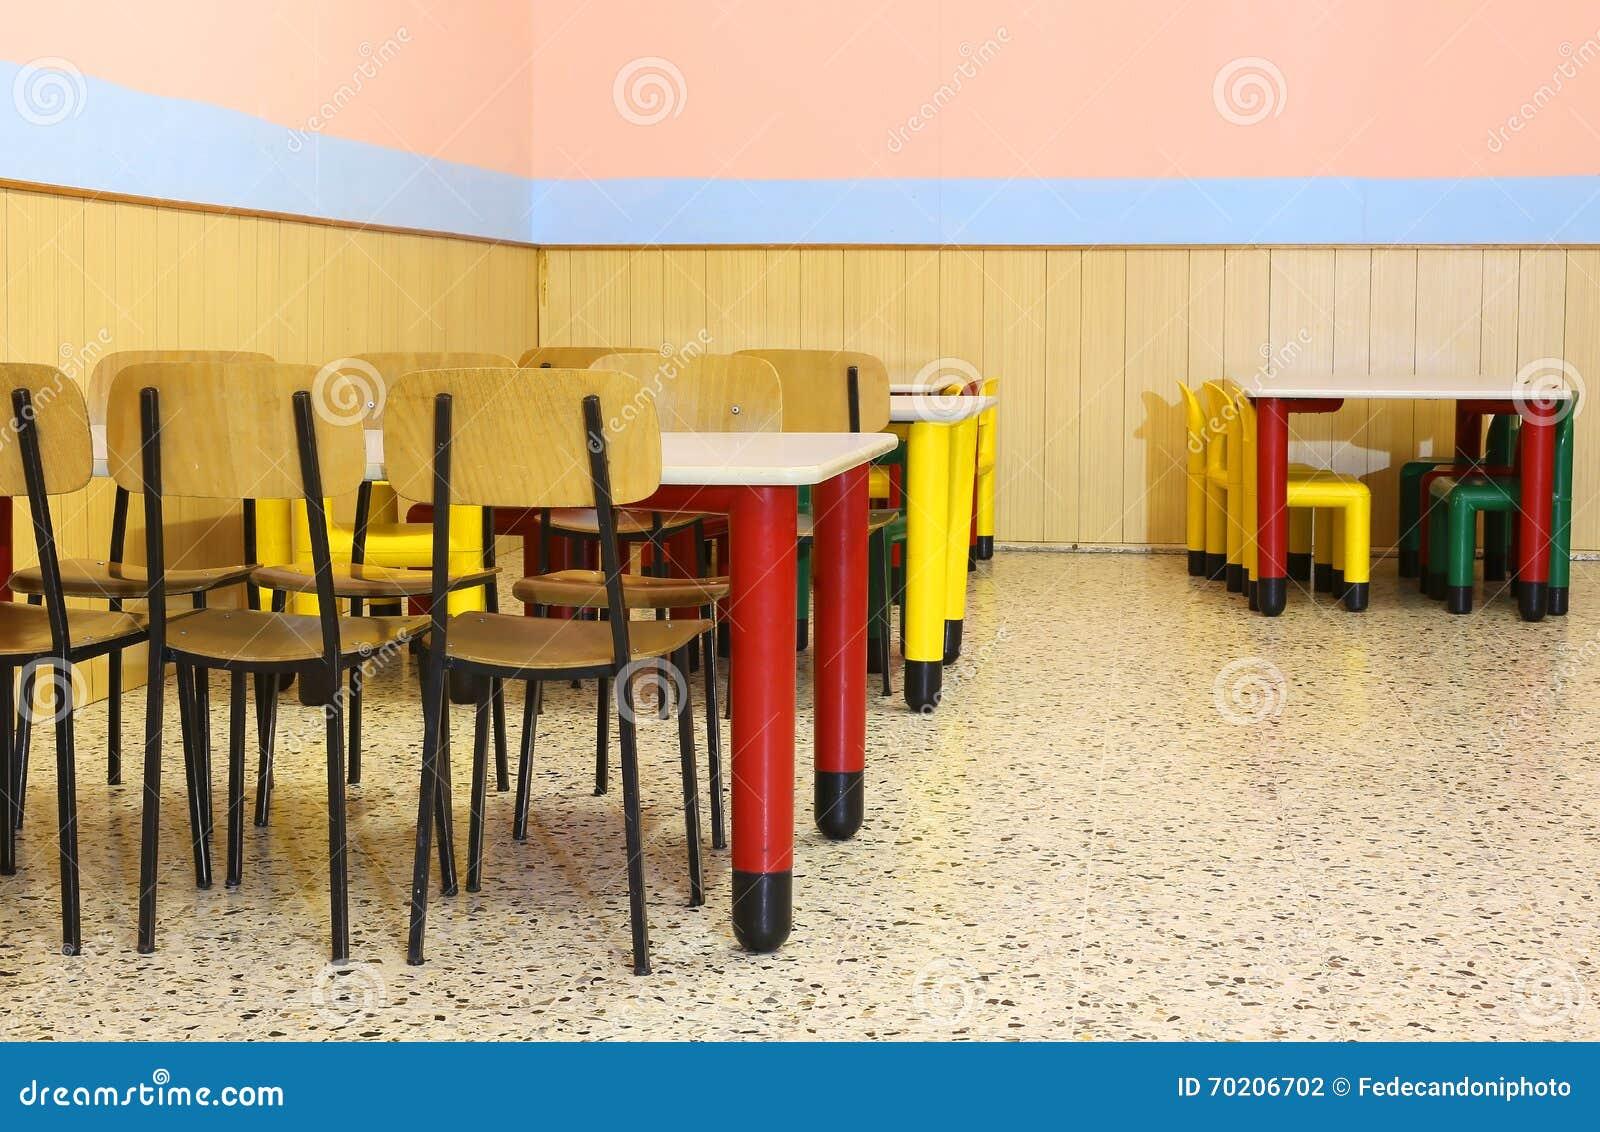 Del Cuarto De Mesa Sillas Niños Lunchroom Las Con Pequeñas Y H9eIDWYE2b